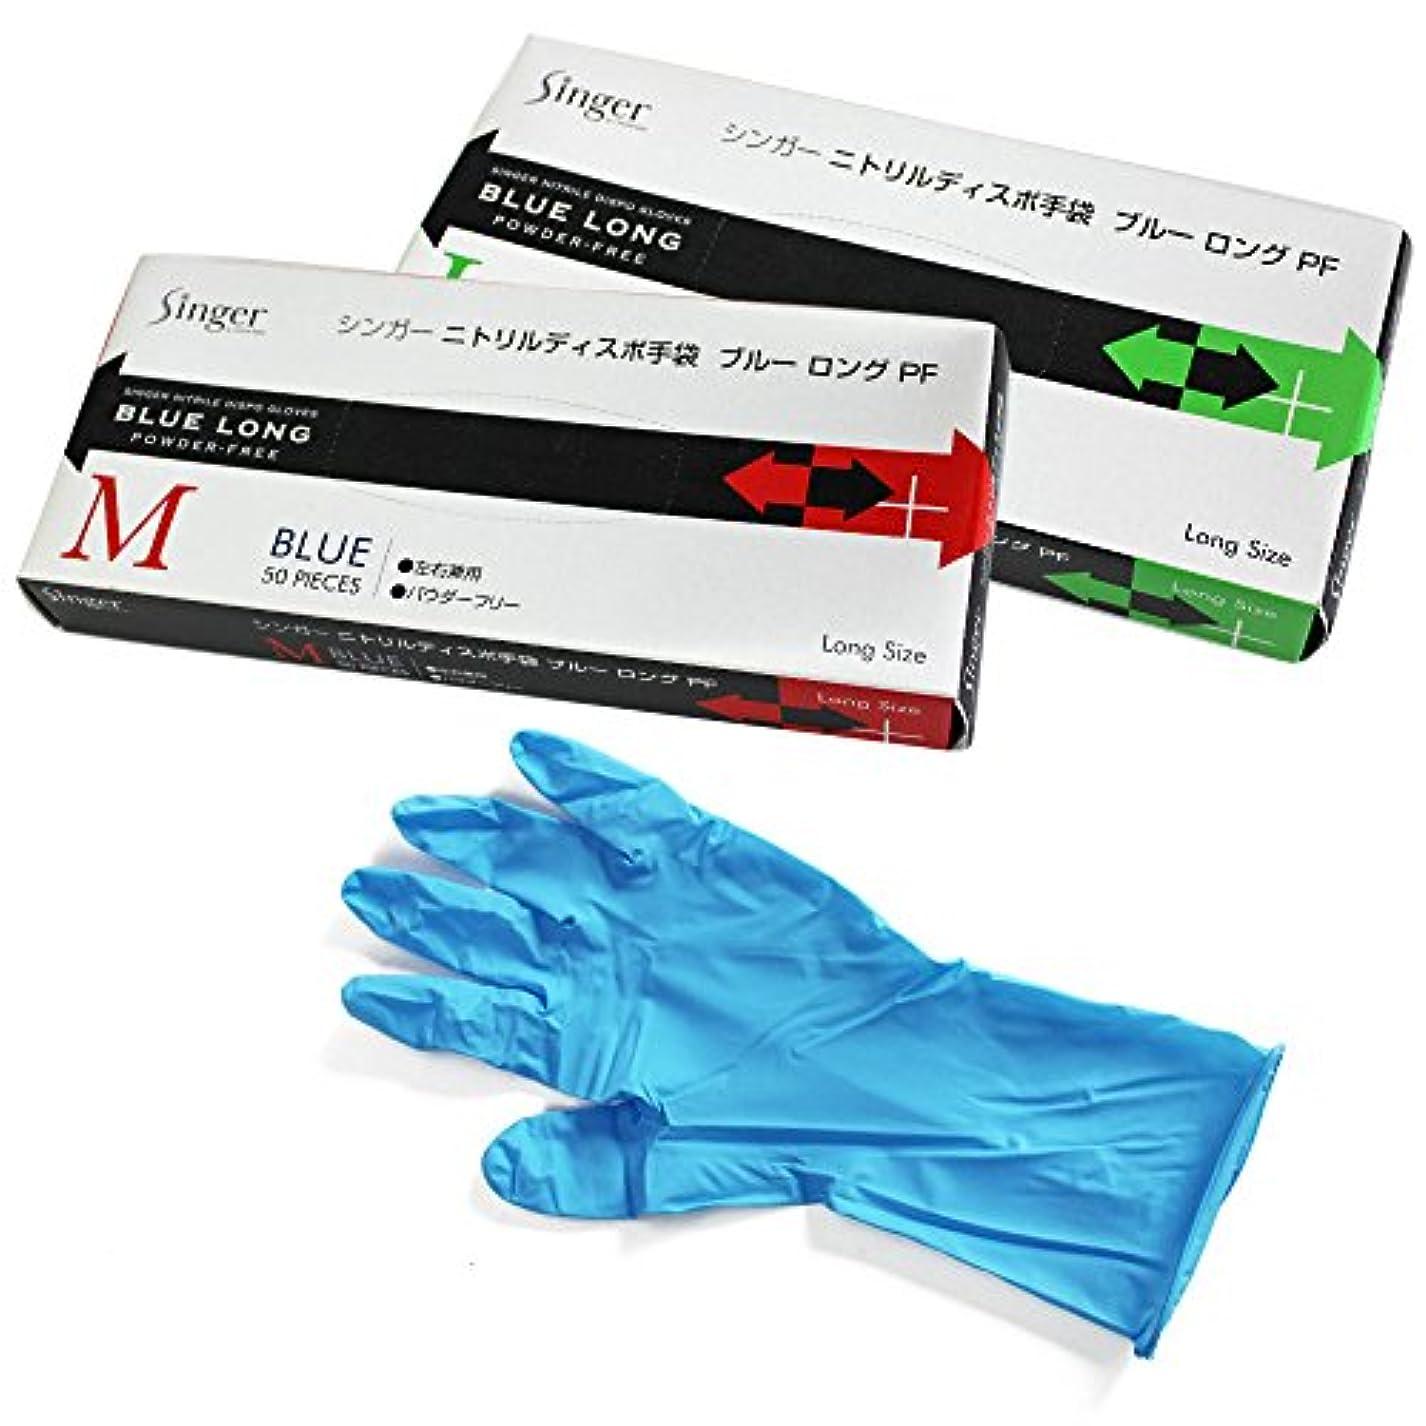 シンガーニトリルディスポ手袋ブルーロングパウダーフリー500枚(50枚入り×10箱) (L)